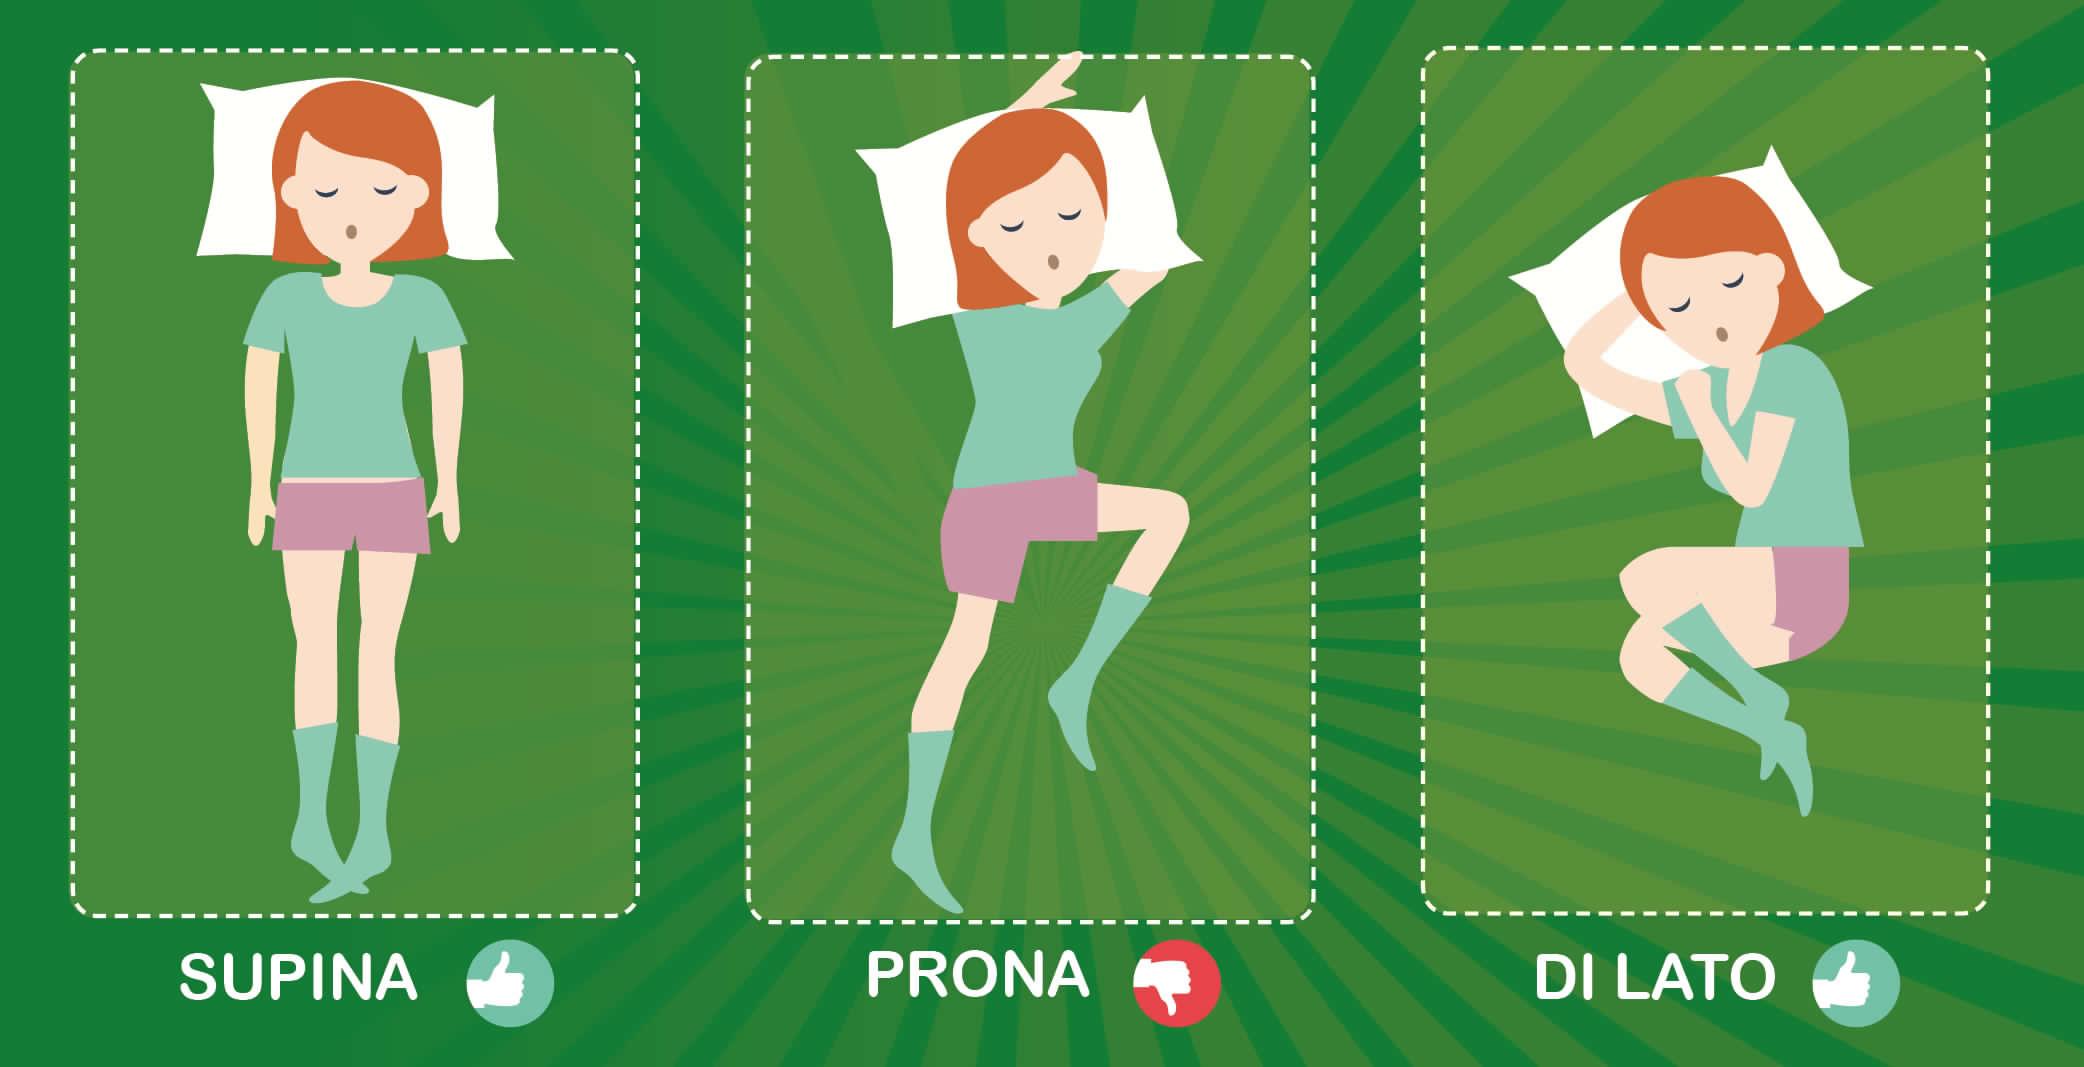 Cuscino Per Chi Dorme Di Lato.La Posizione Migliore Per Dormire La Notte Nathura